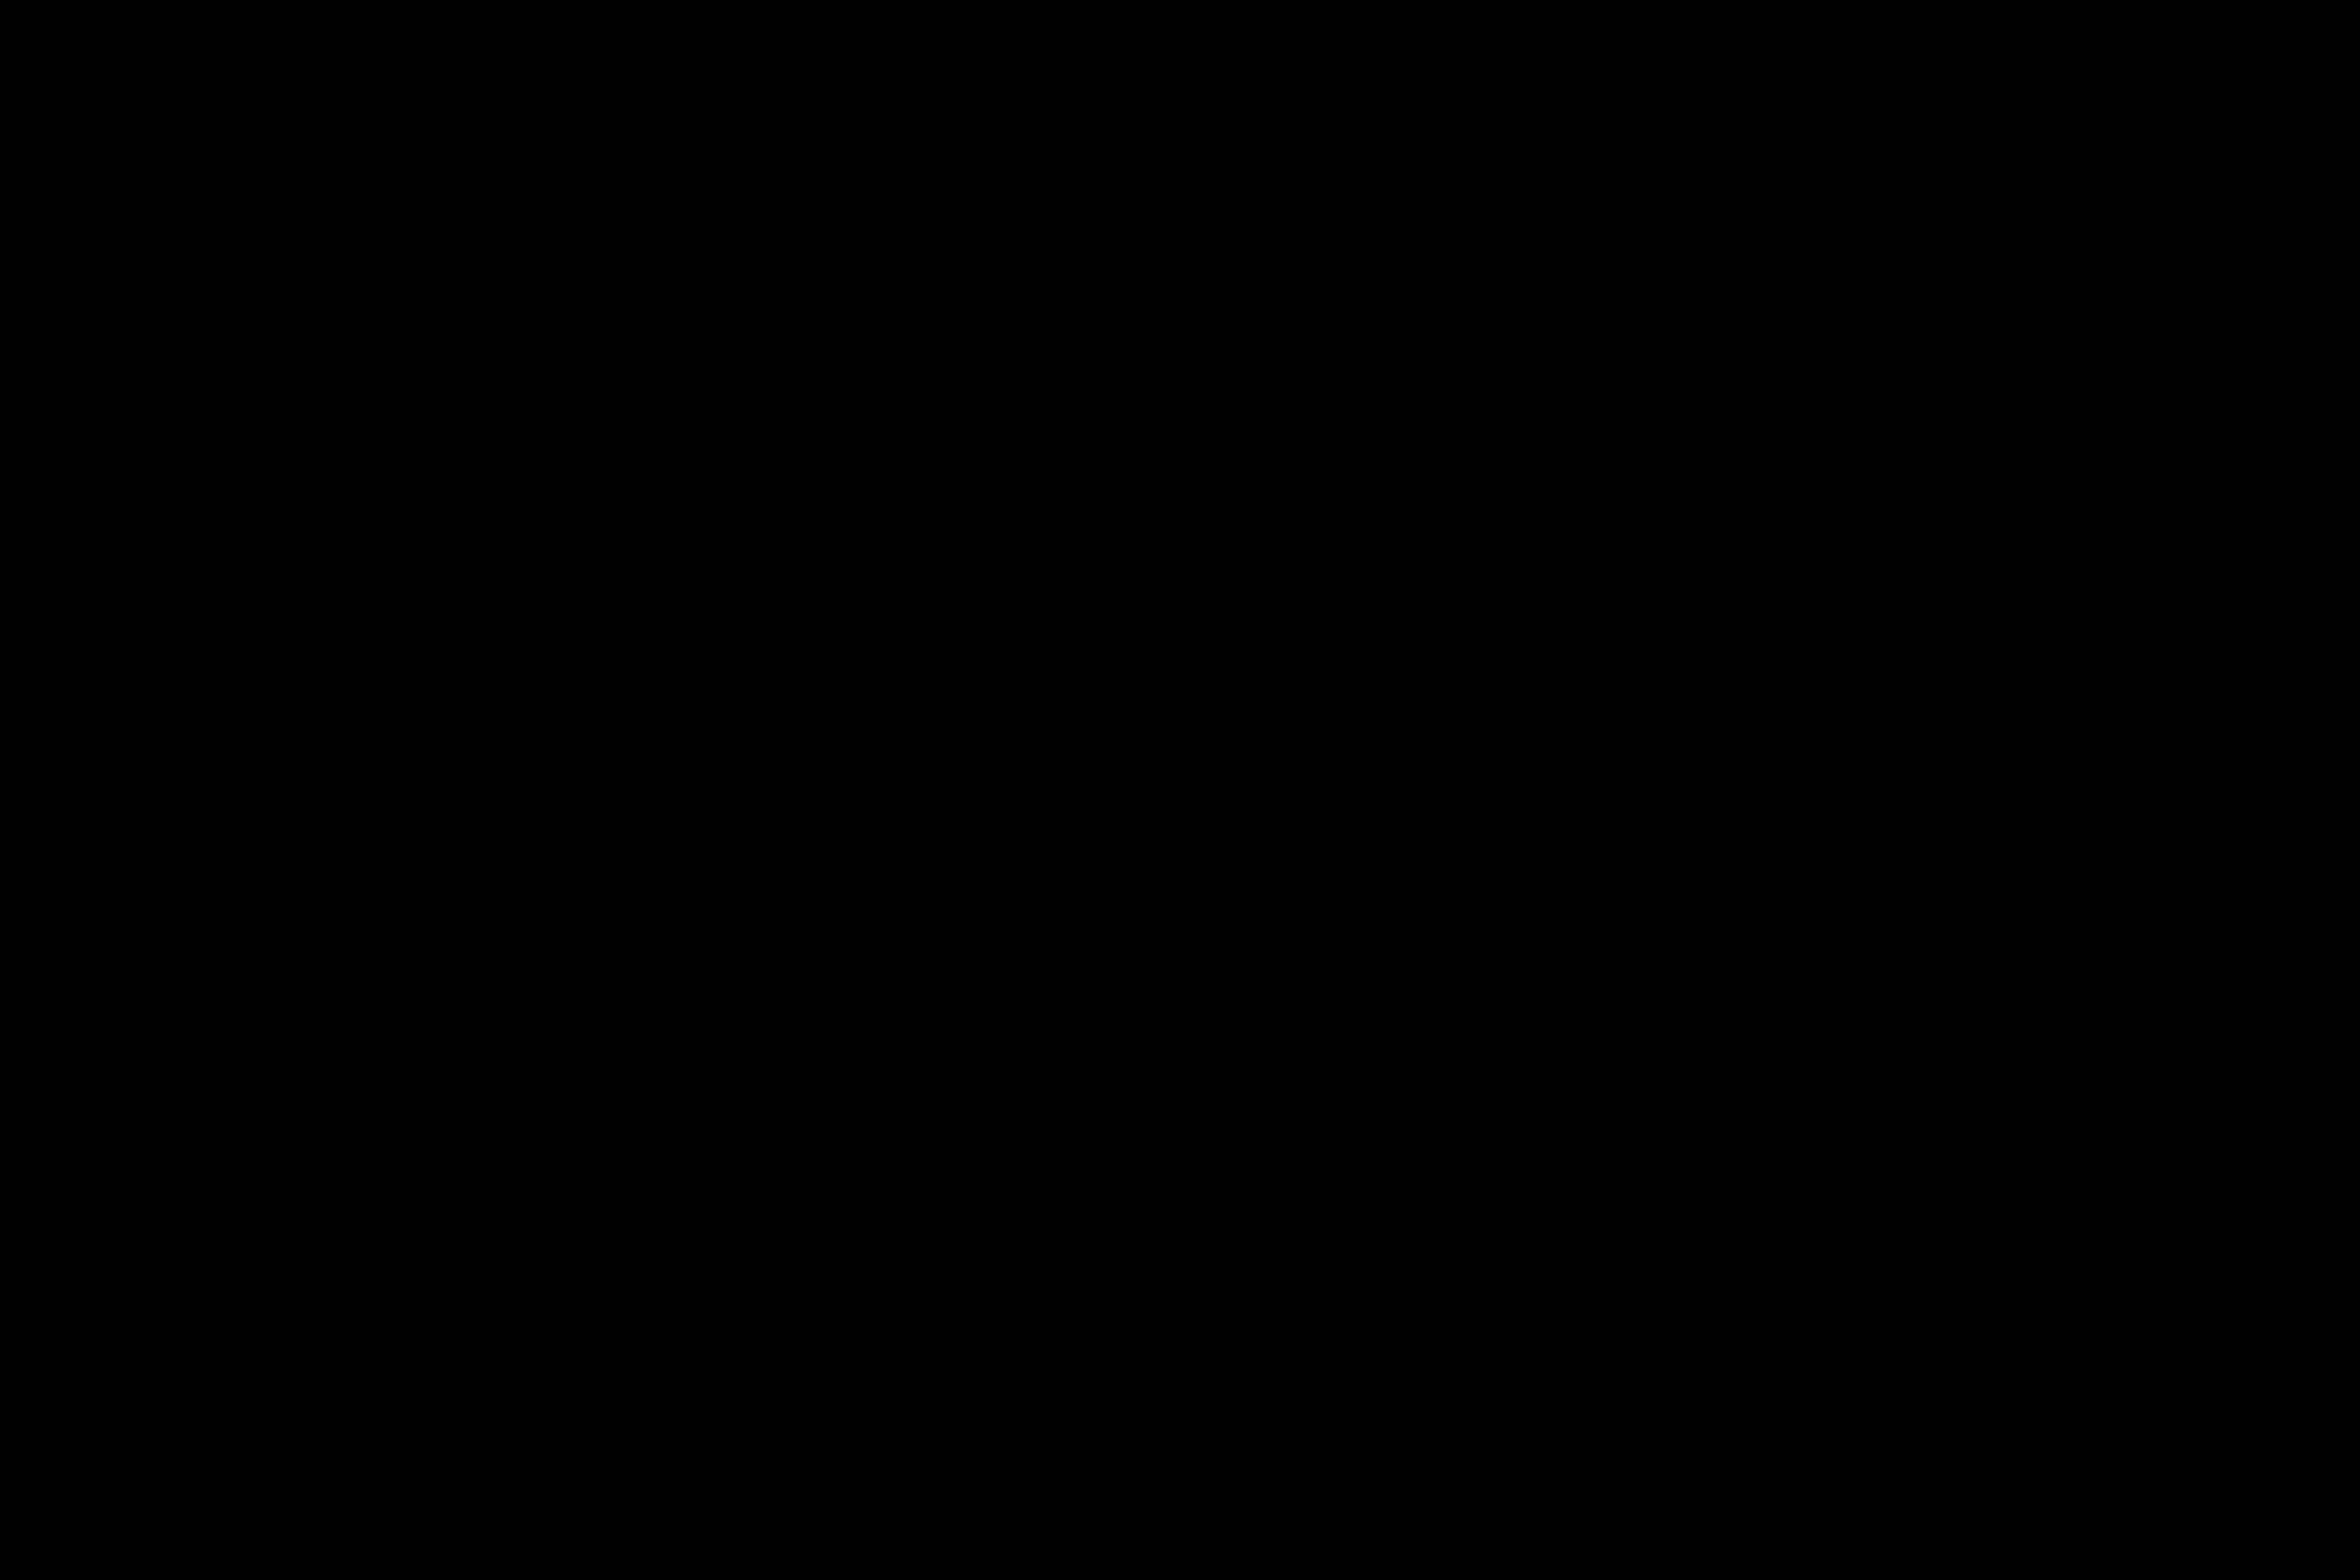 Base de Operaciones Mixtas reactiva filtros de seguridad  en principales vías de comunicación de Huehuetoca